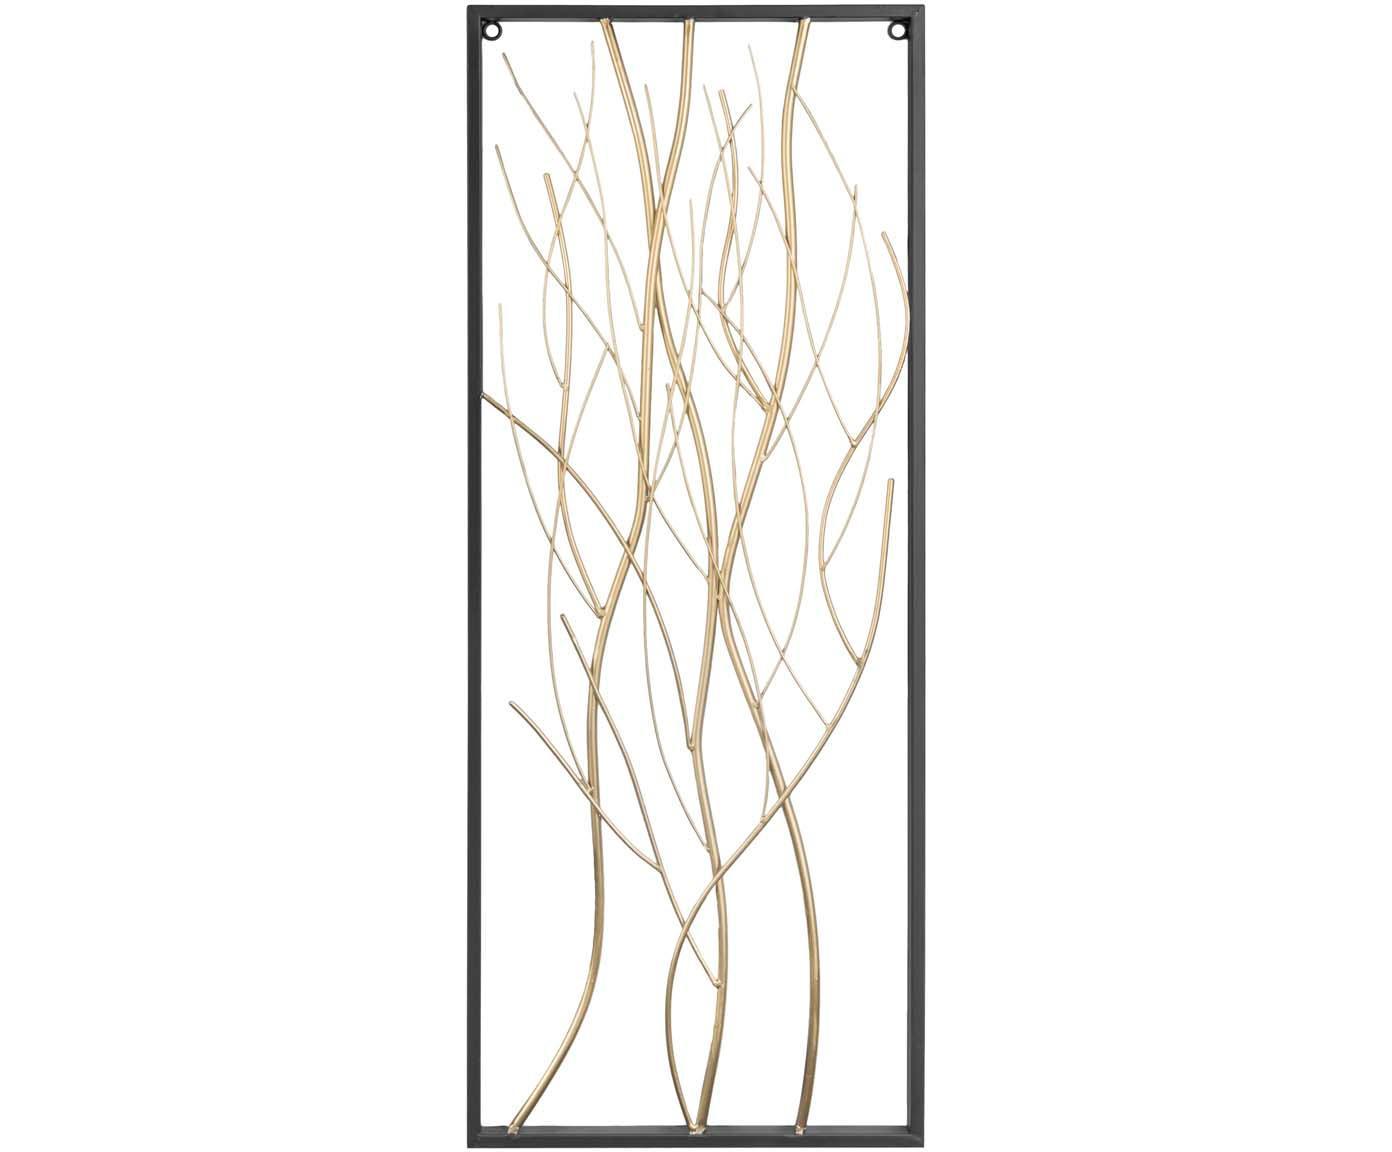 Wandobject Branches, Gelakt metaal, Zwart, messingkleurig, wit, 33 x 85 cm